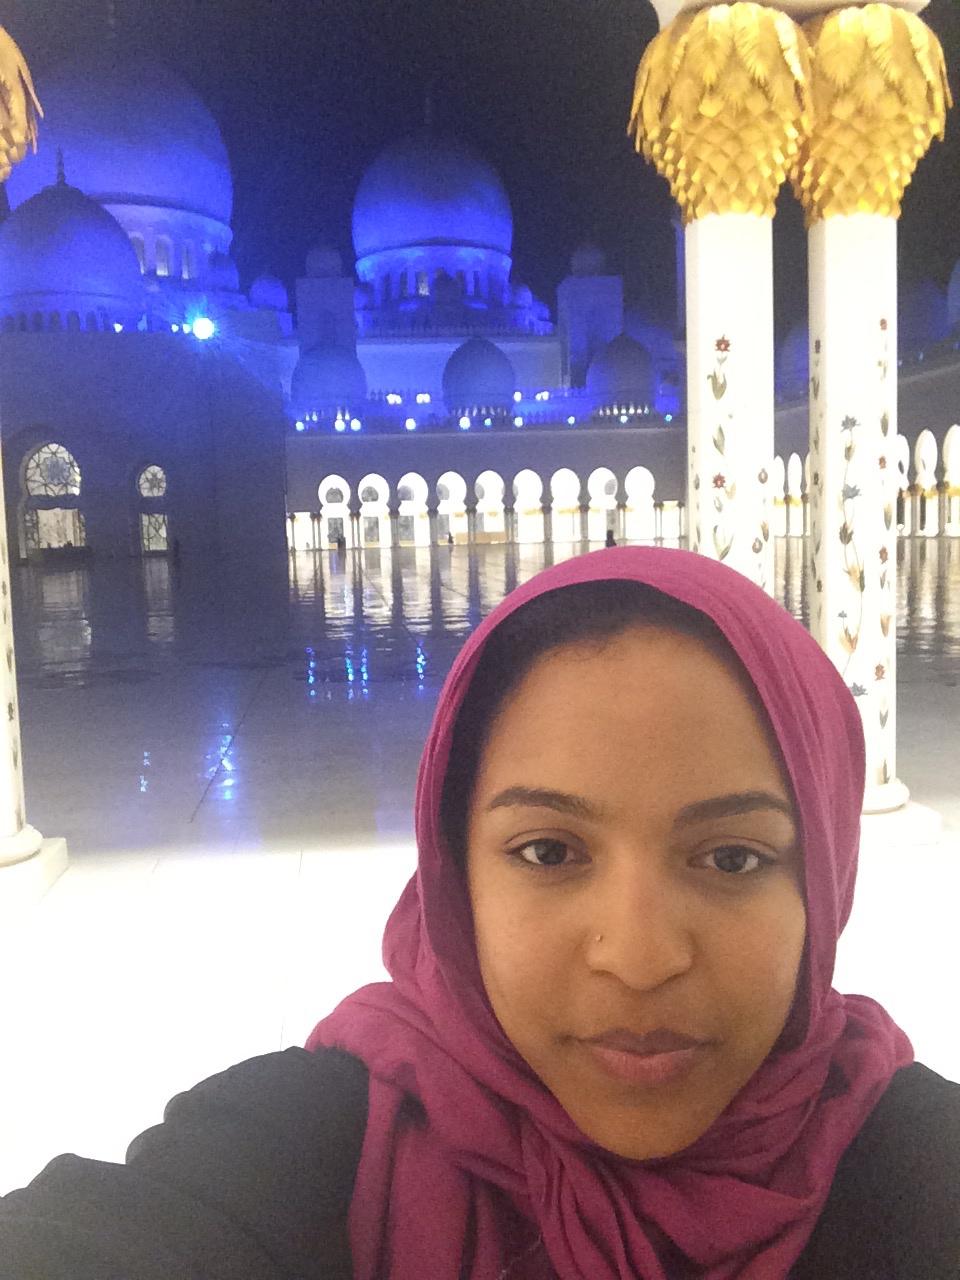 Mosque selfie